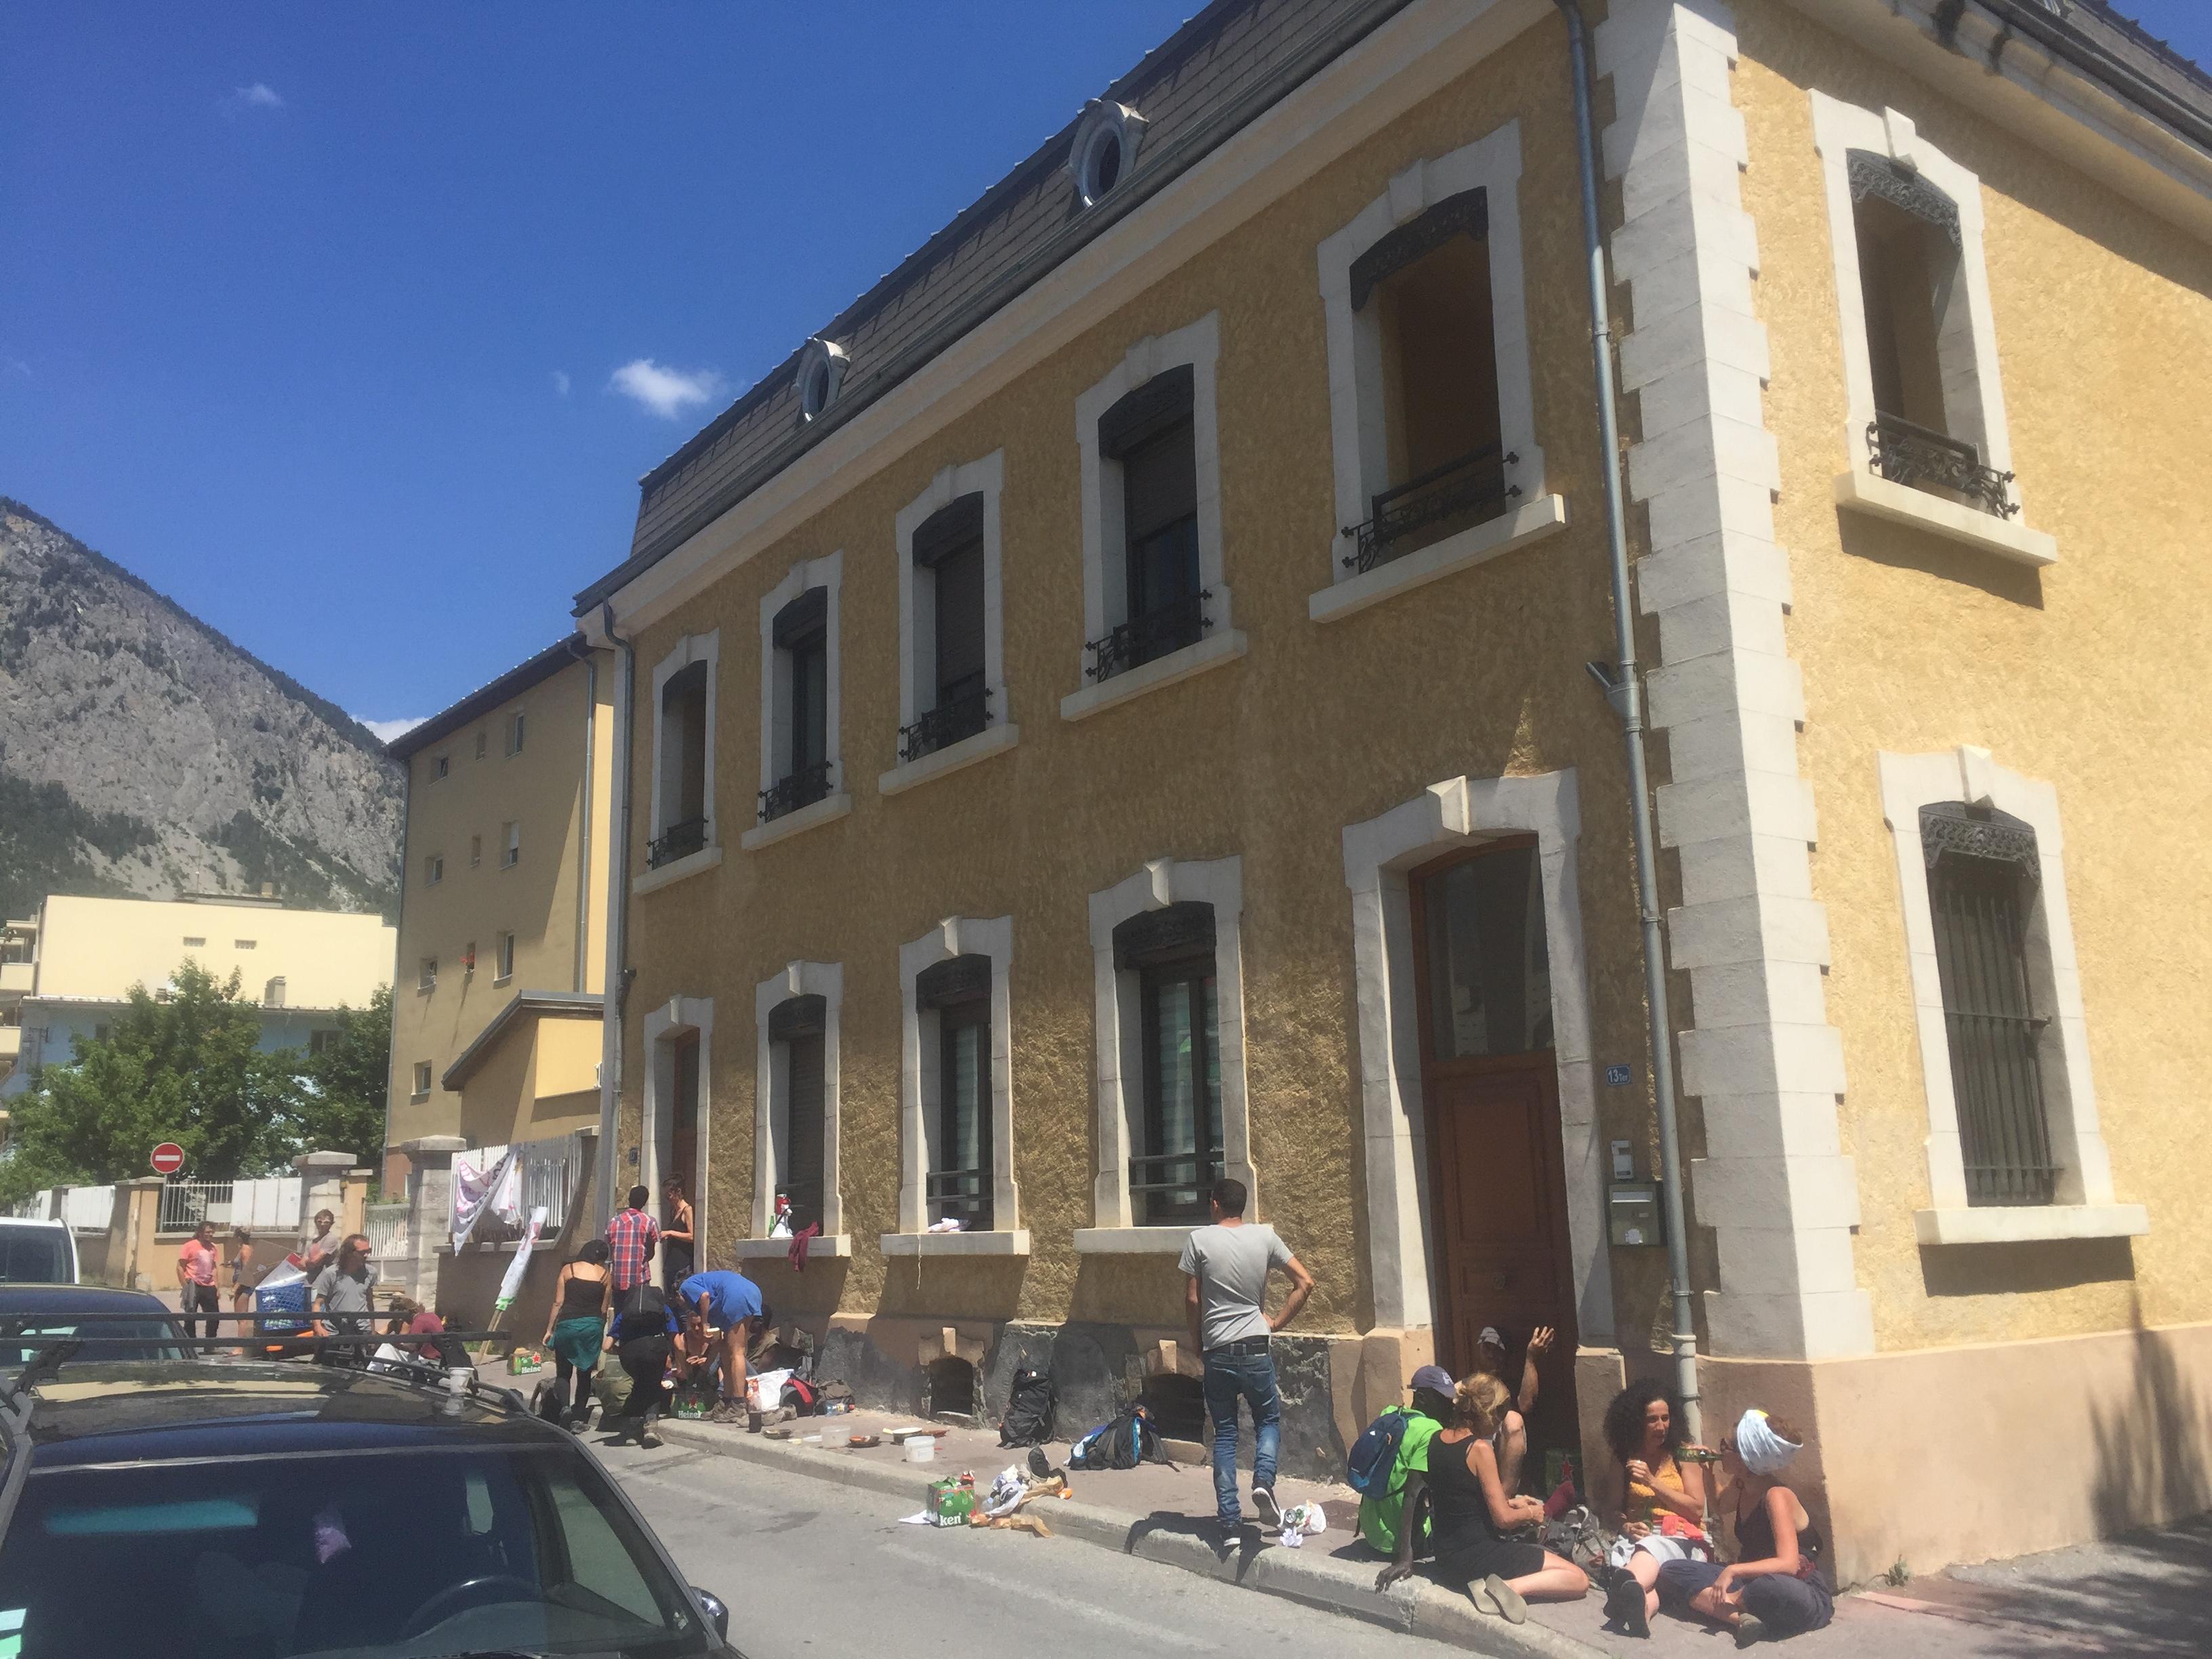 Des pro-migrants en garde à vue hier à Briançon